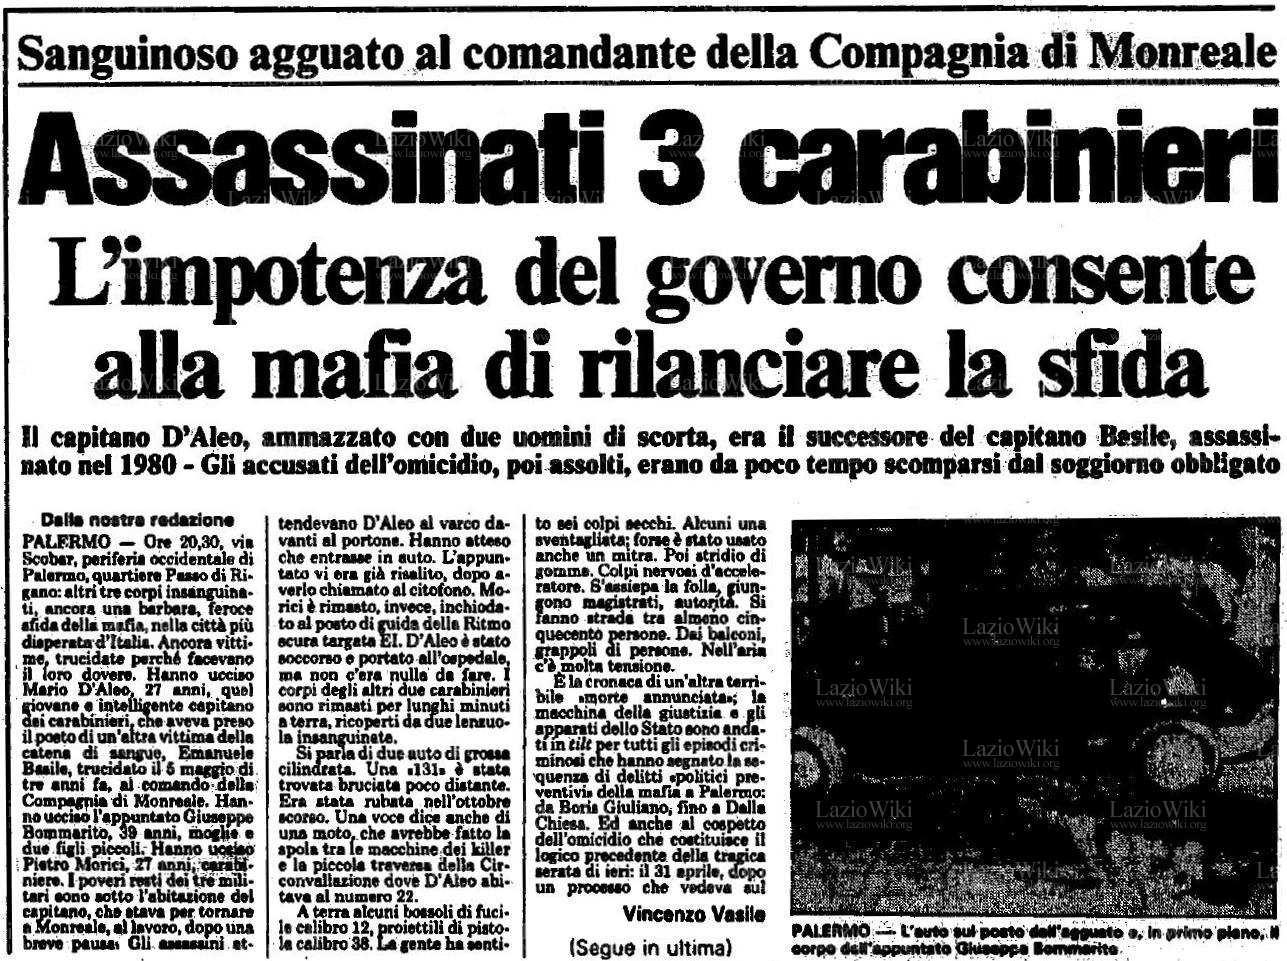 File: [14giu1983UnitaDAleo1.jpg] | Sat, 23 Apr 2016 13:26:12 GMT LazioWiki: progetto enciclopedico sulla S.S. Lazio  www.laziowiki.org